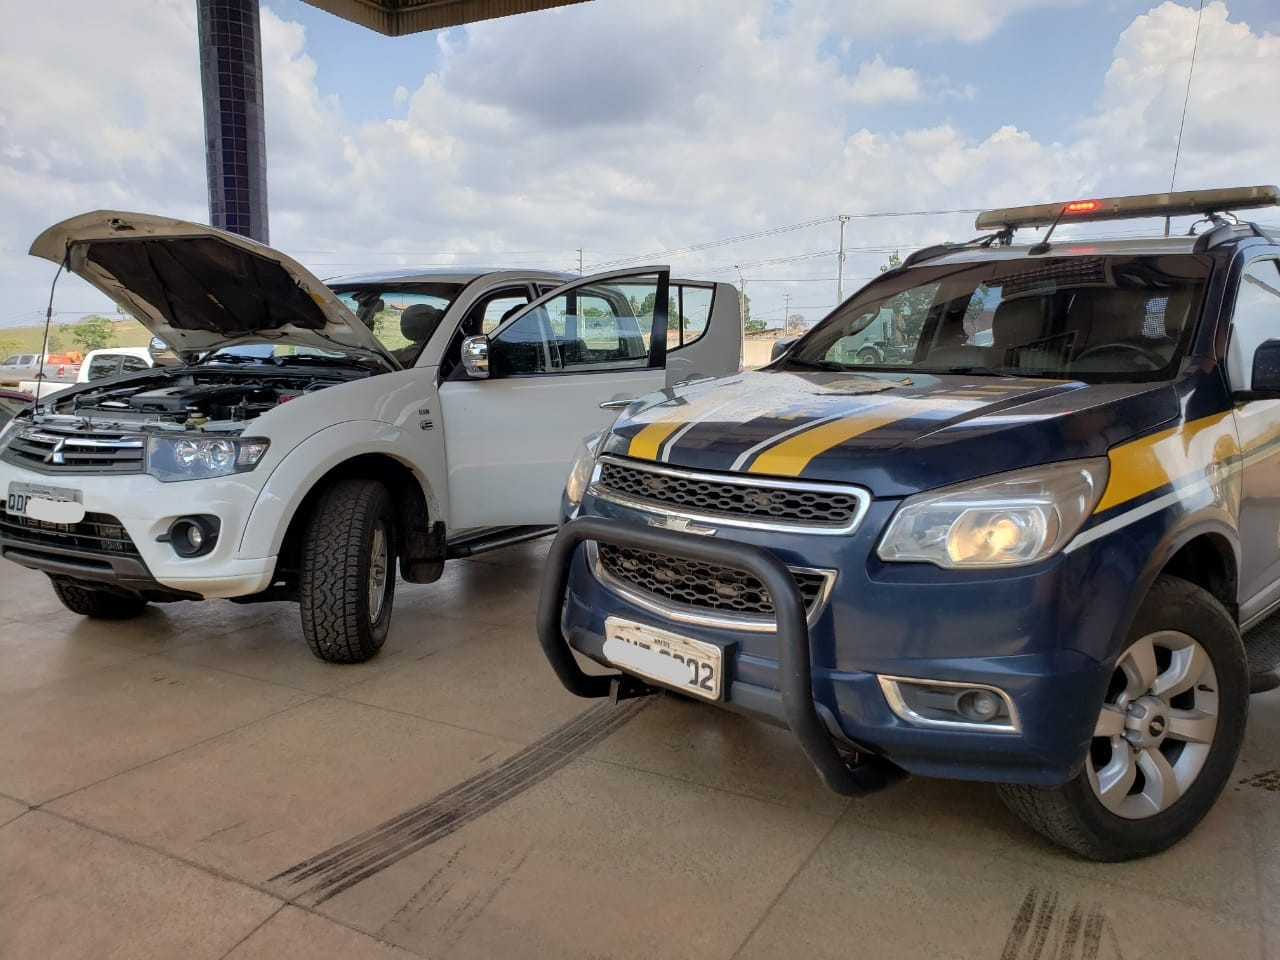 PRF recupera caminhonete roubada na BR-222 no Maranhão - Notícias - Plantão Diário